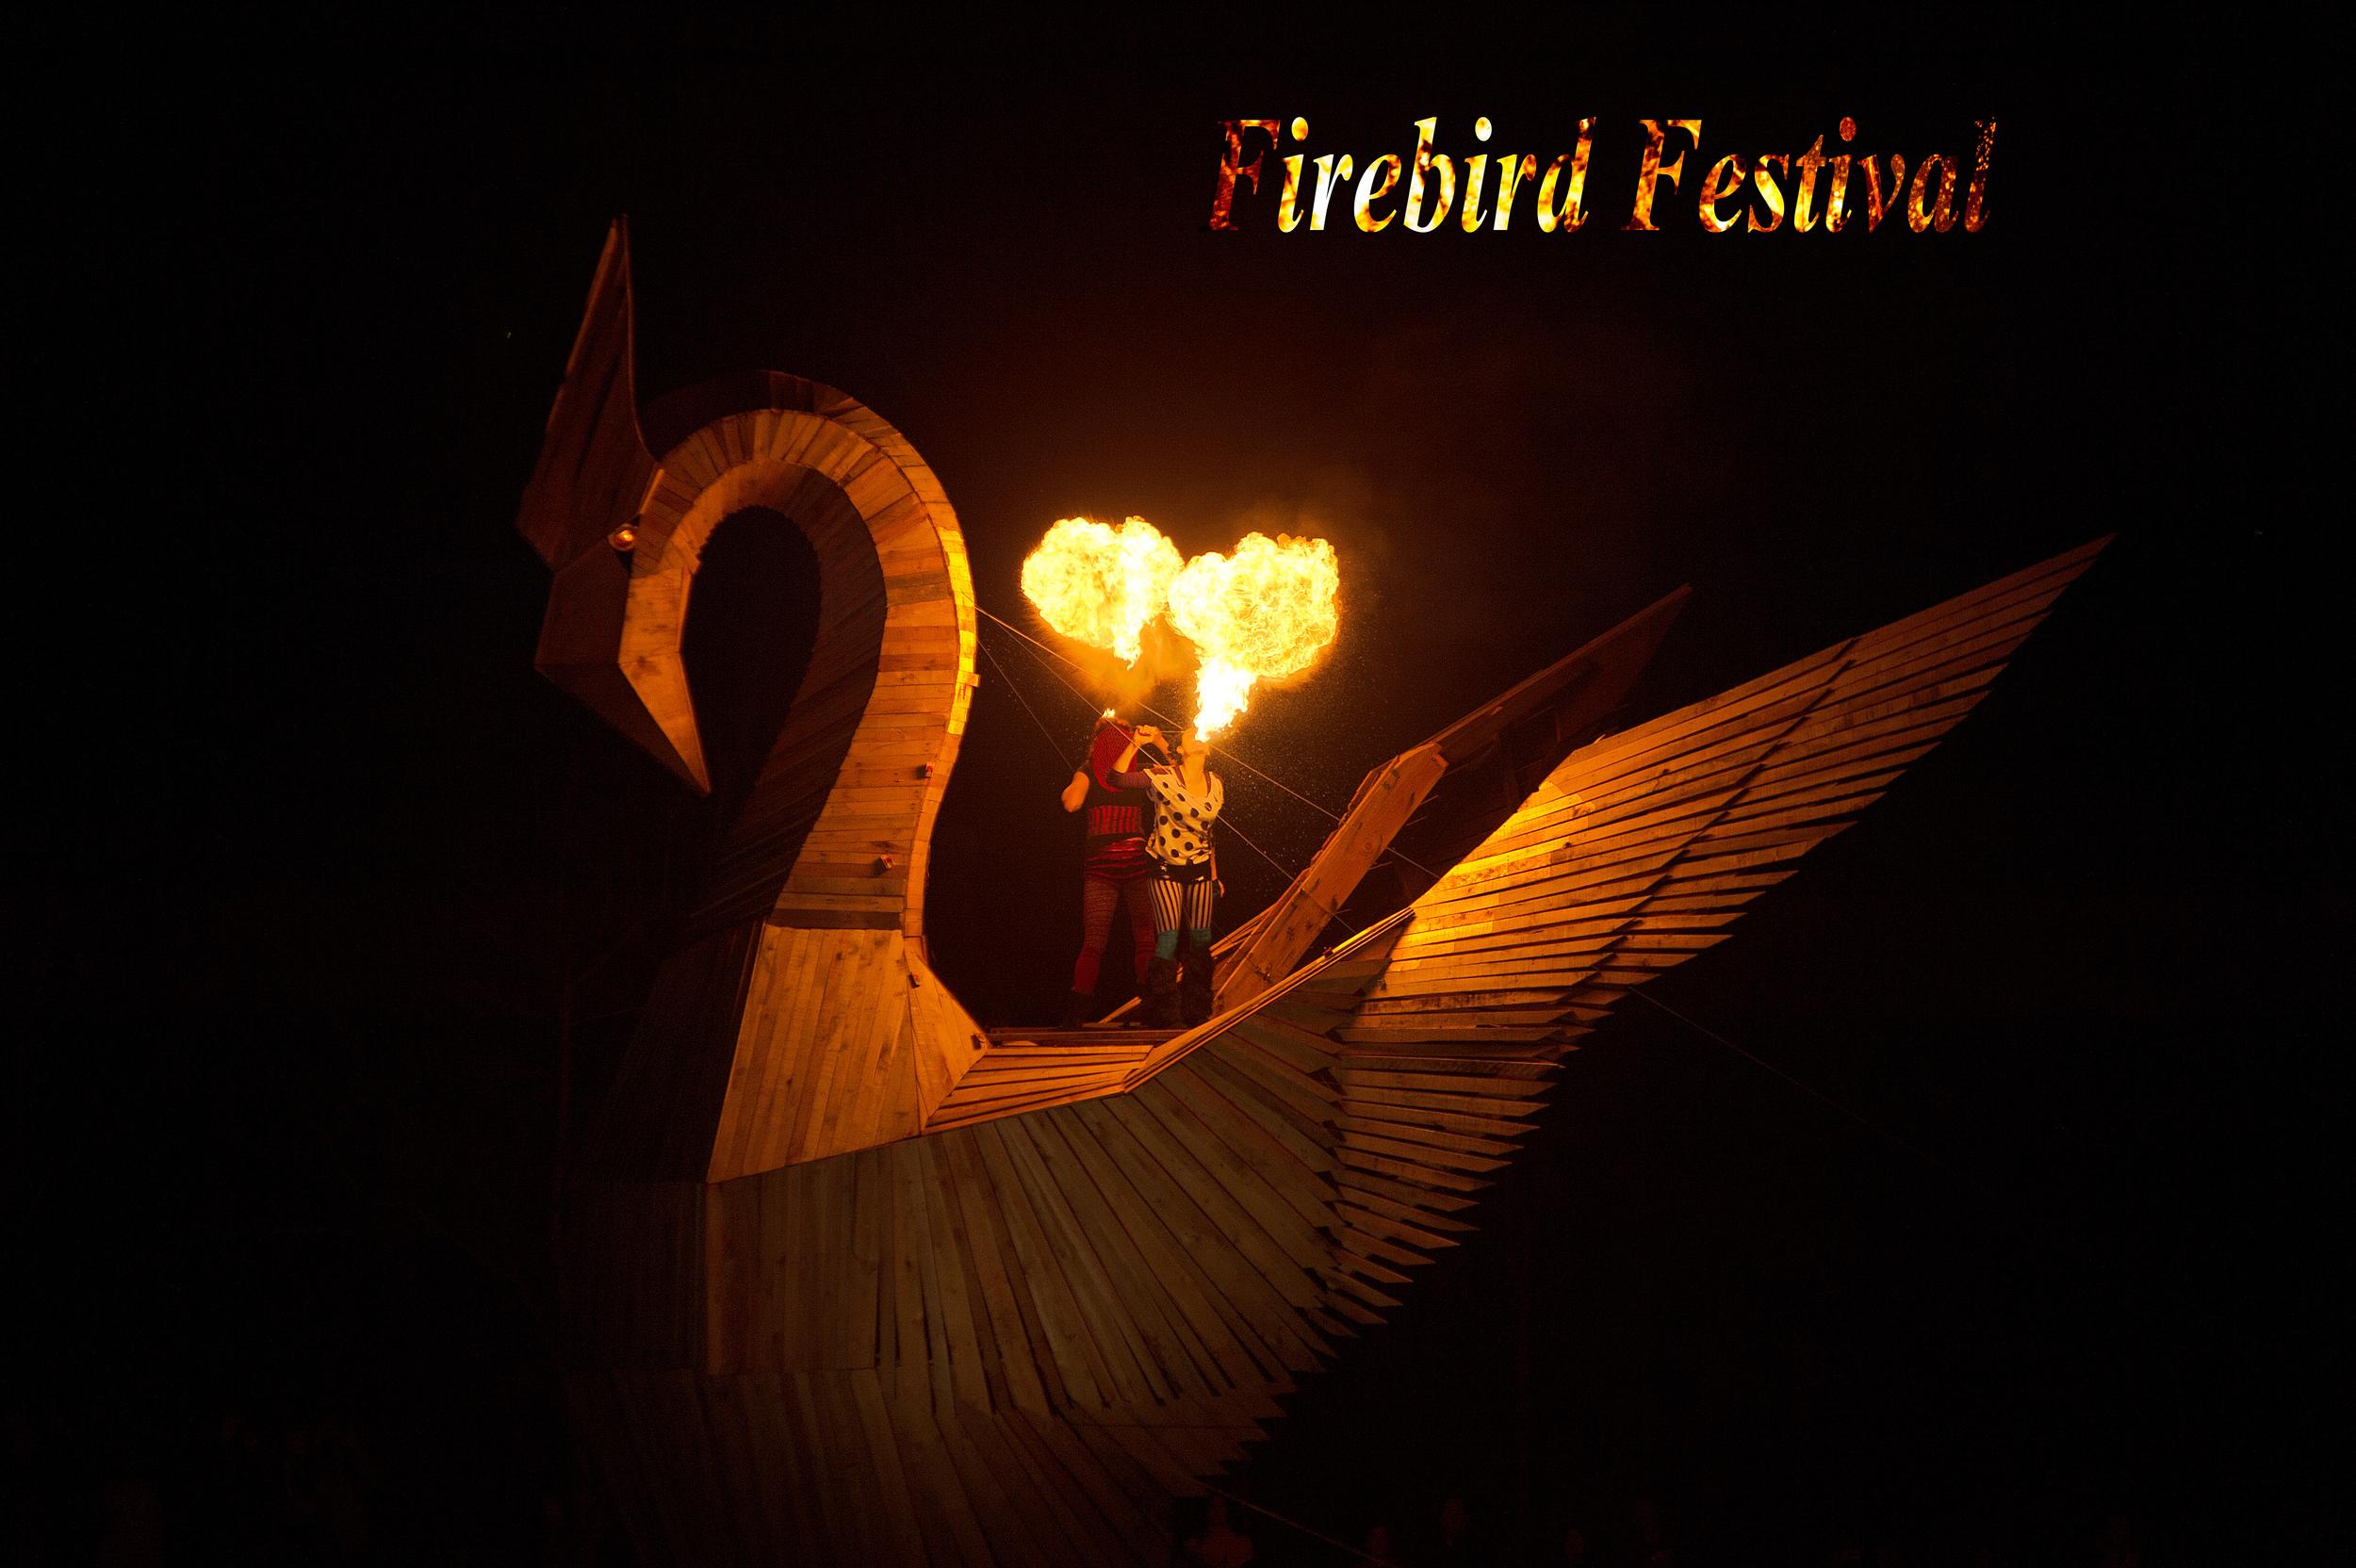 Firebird Festival